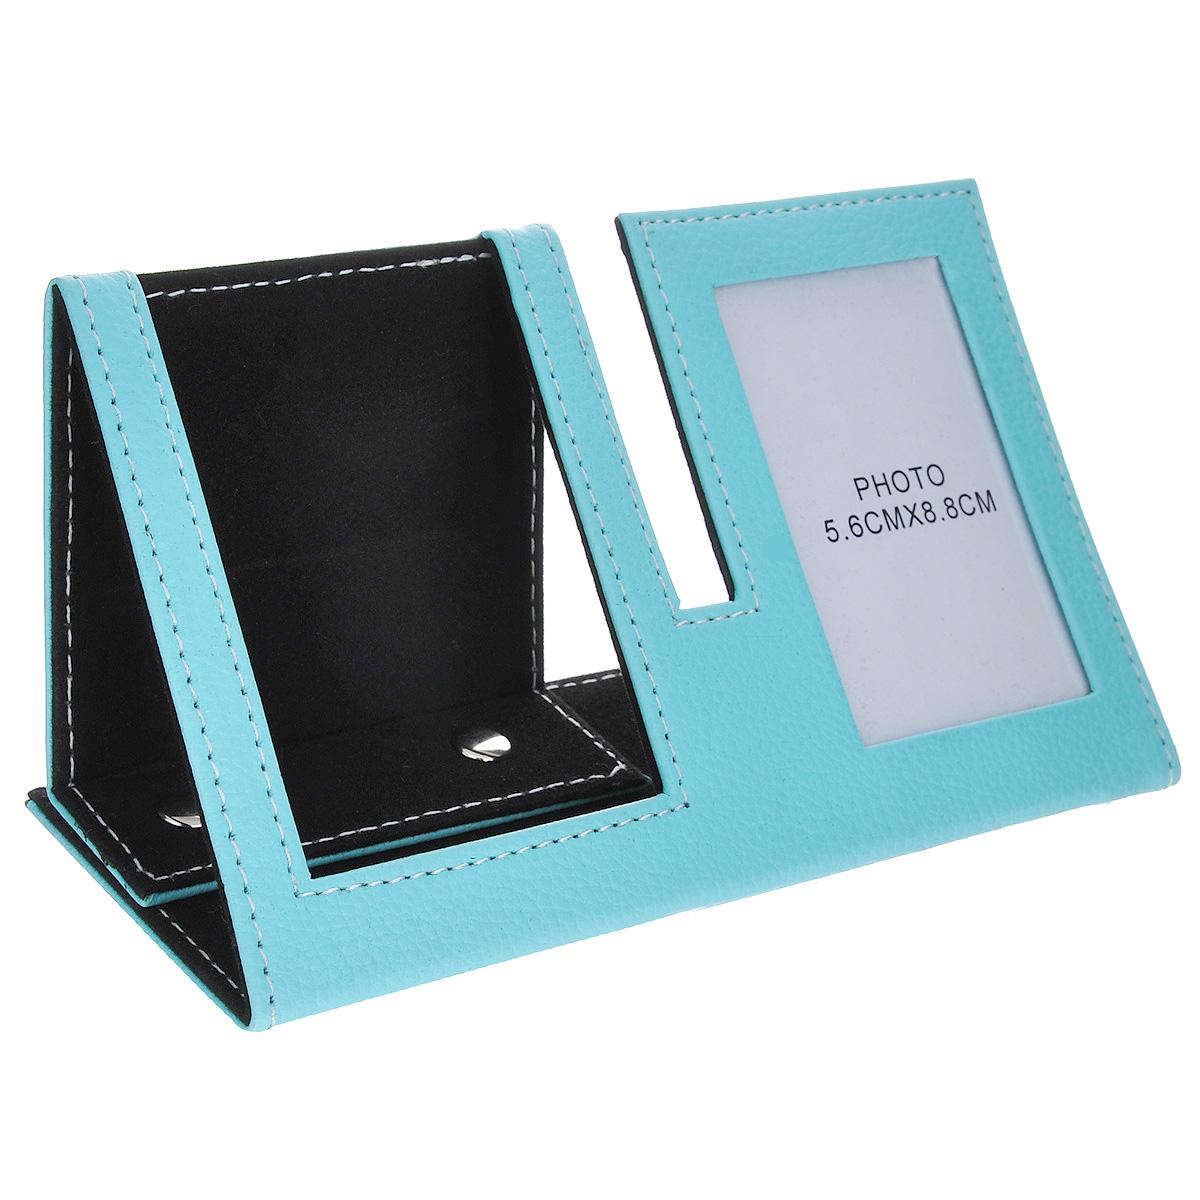 Подставка под телефон  Феникс-презент , с рамкой для фотографии, цвет: голубой, черный, 18,8 х 7,9 х 9,8 см -  Подставки для оргтехники